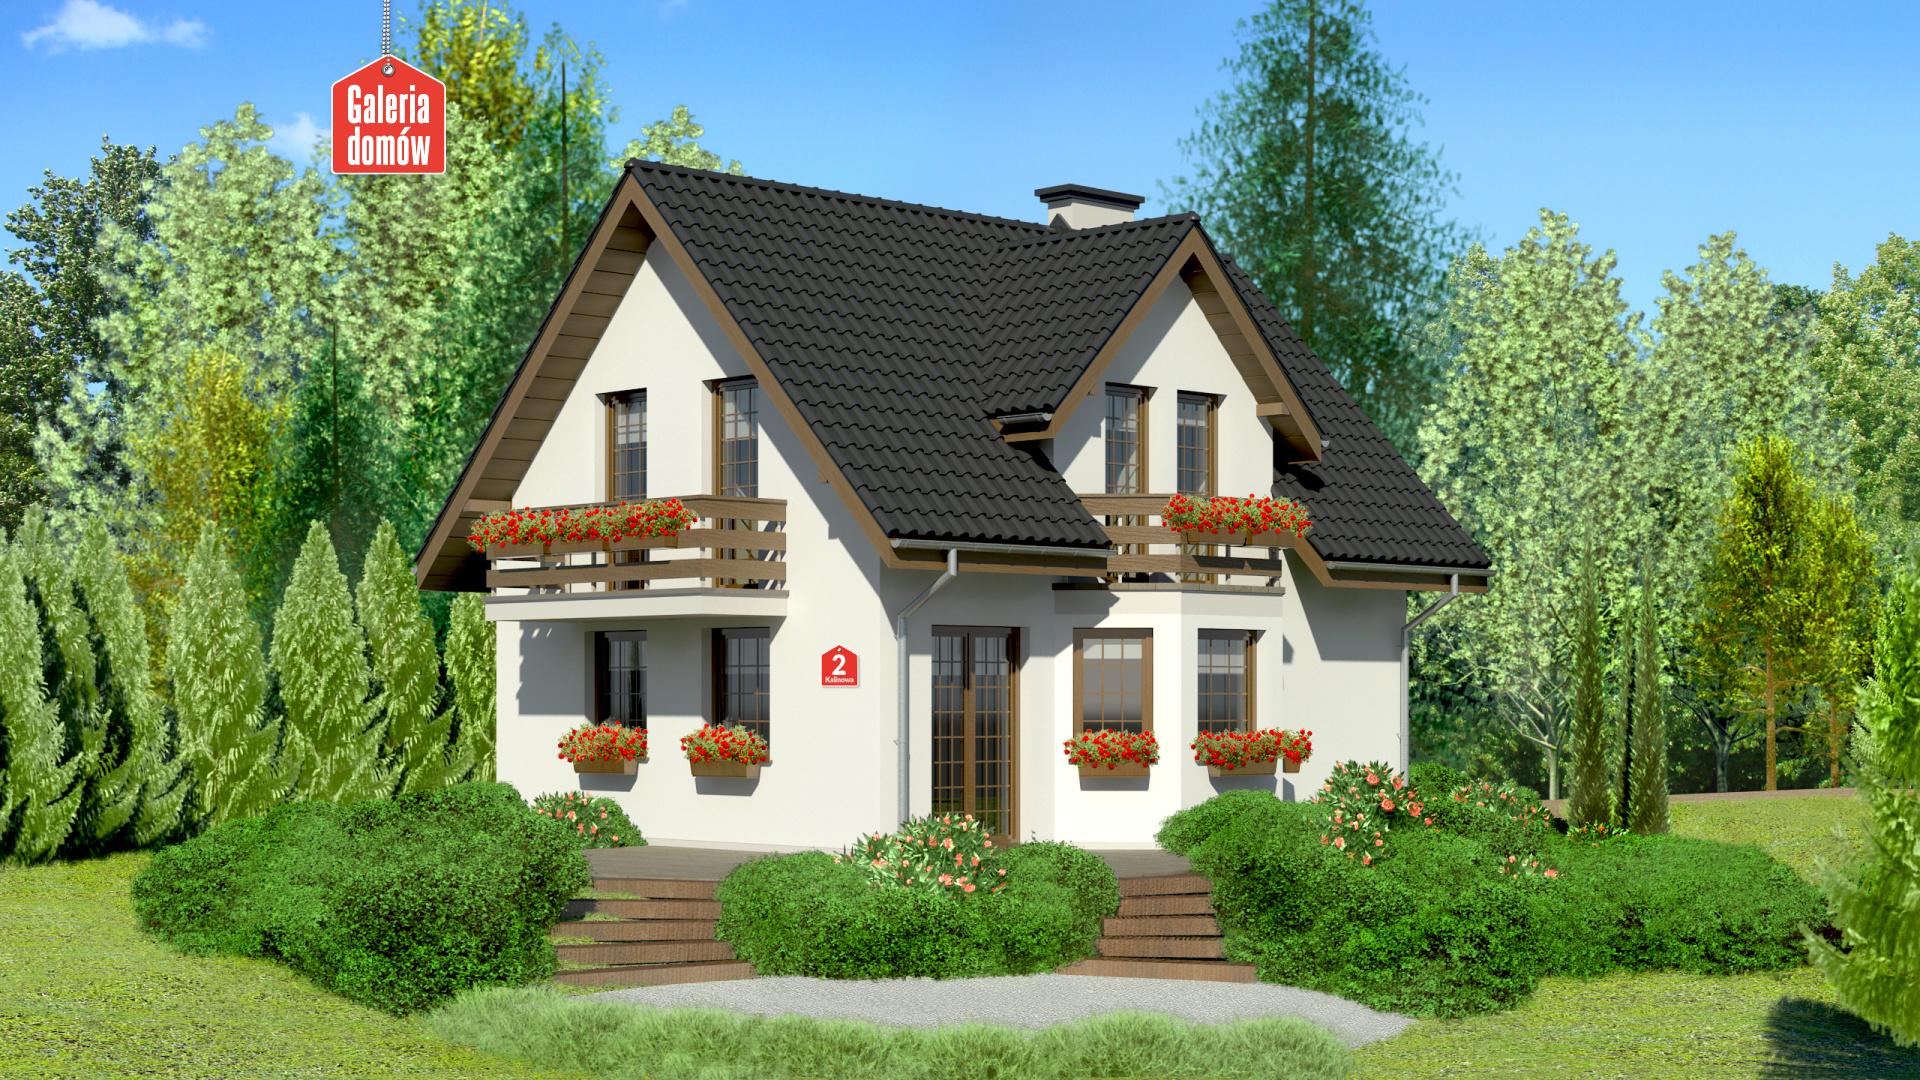 Dom Przy Kalinowej 2 Gotowy Projekt Domu Jednorodzinnego